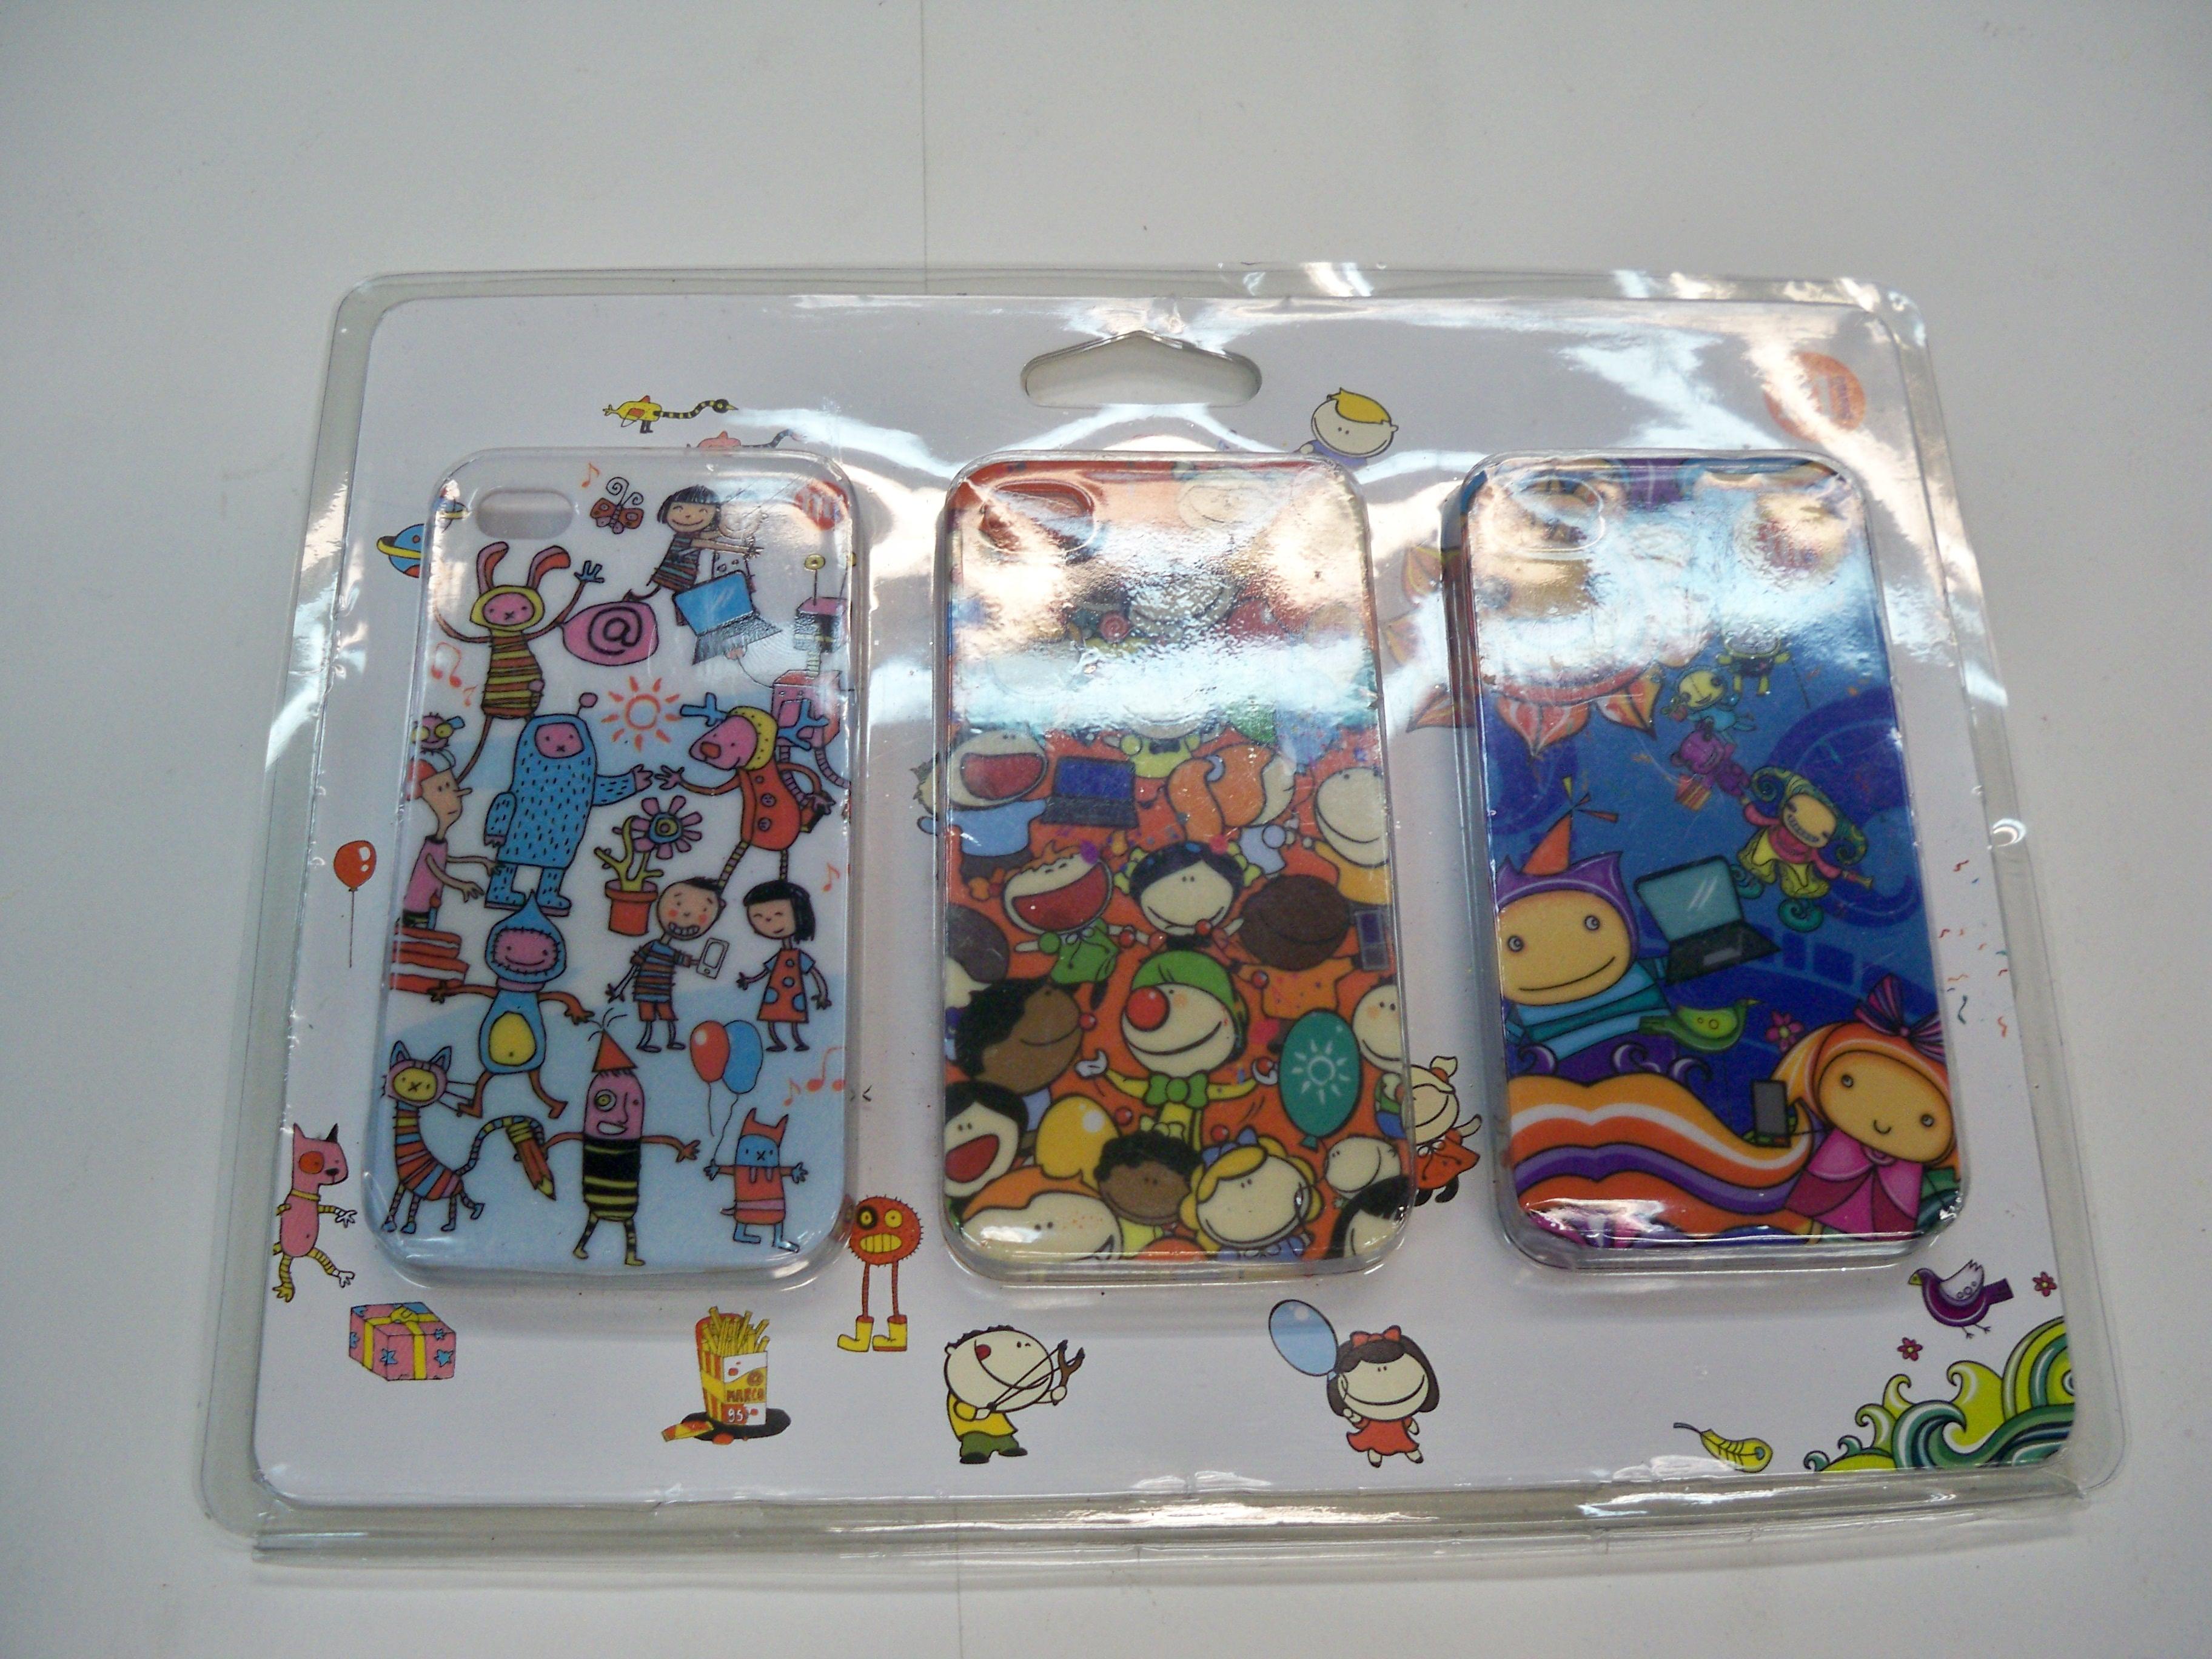 ปลอก Iphone 4G limited edition M1 case set of 3